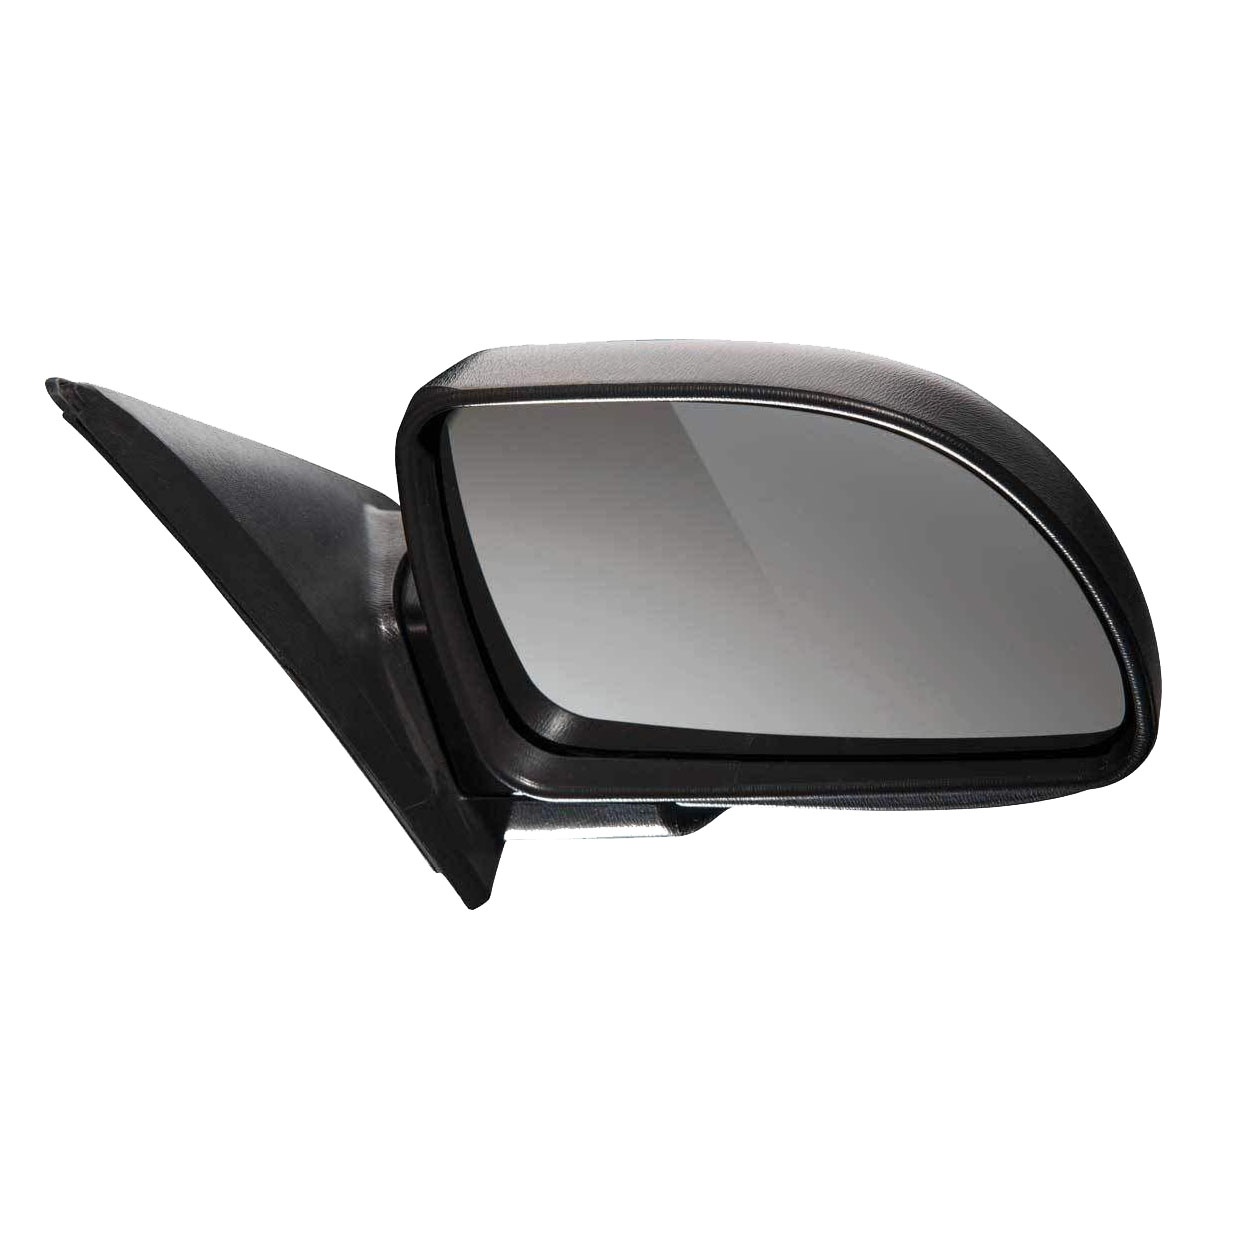 آینه  جانبی راست خودرو یکتا کوش آور مدل  AM 5964 R مناسب برای تیبا